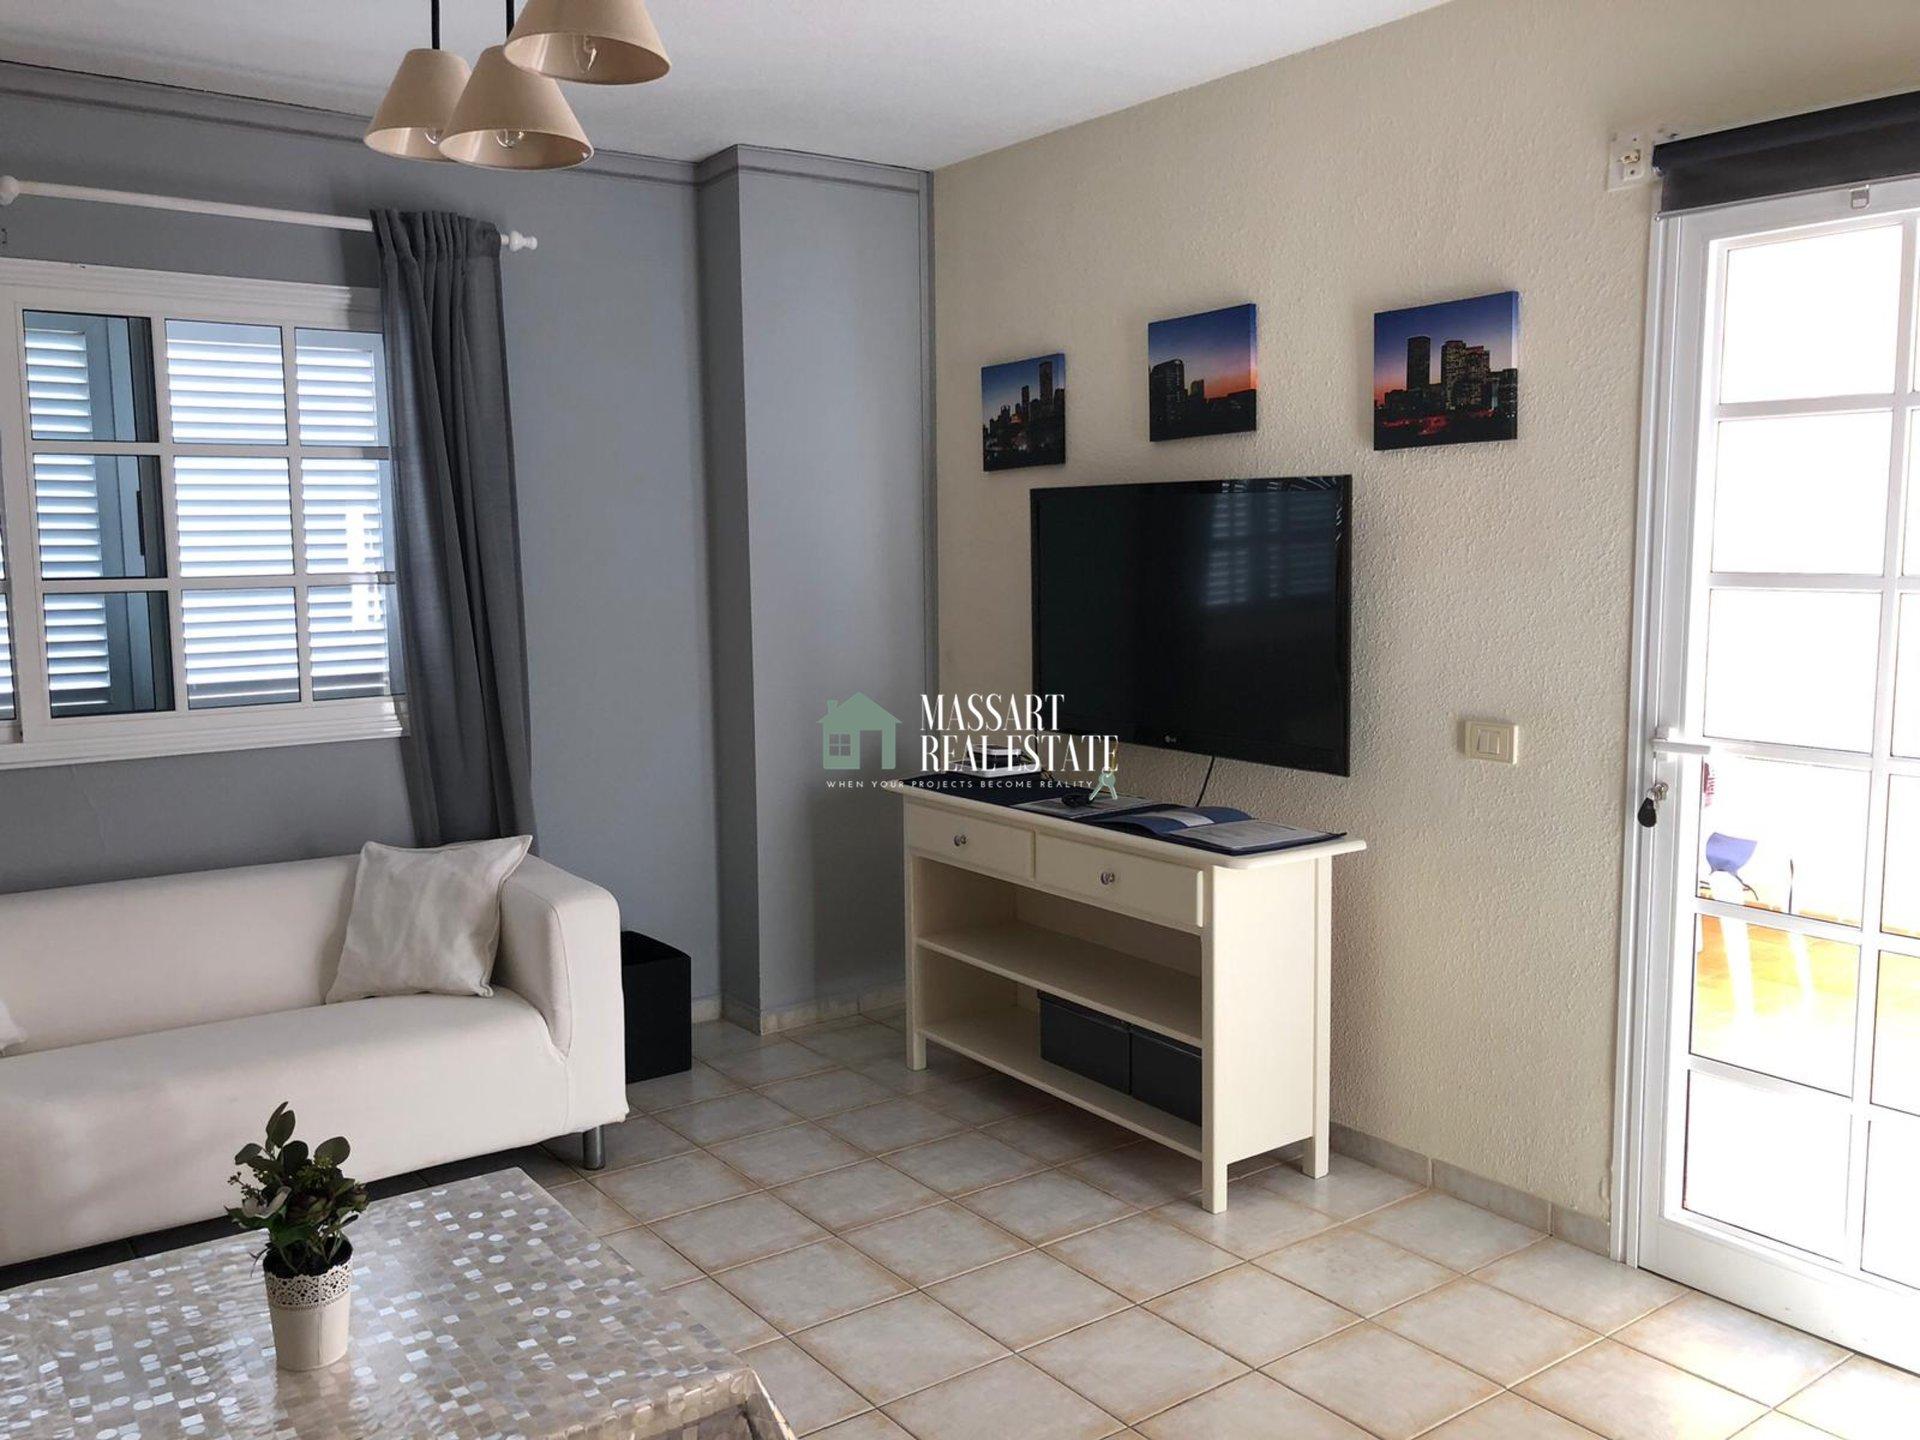 À VENDRE dans le quartier résidentiel de Balcón del Atlántico, magnifique appartement de 54 m2 avec vue privilégiée.